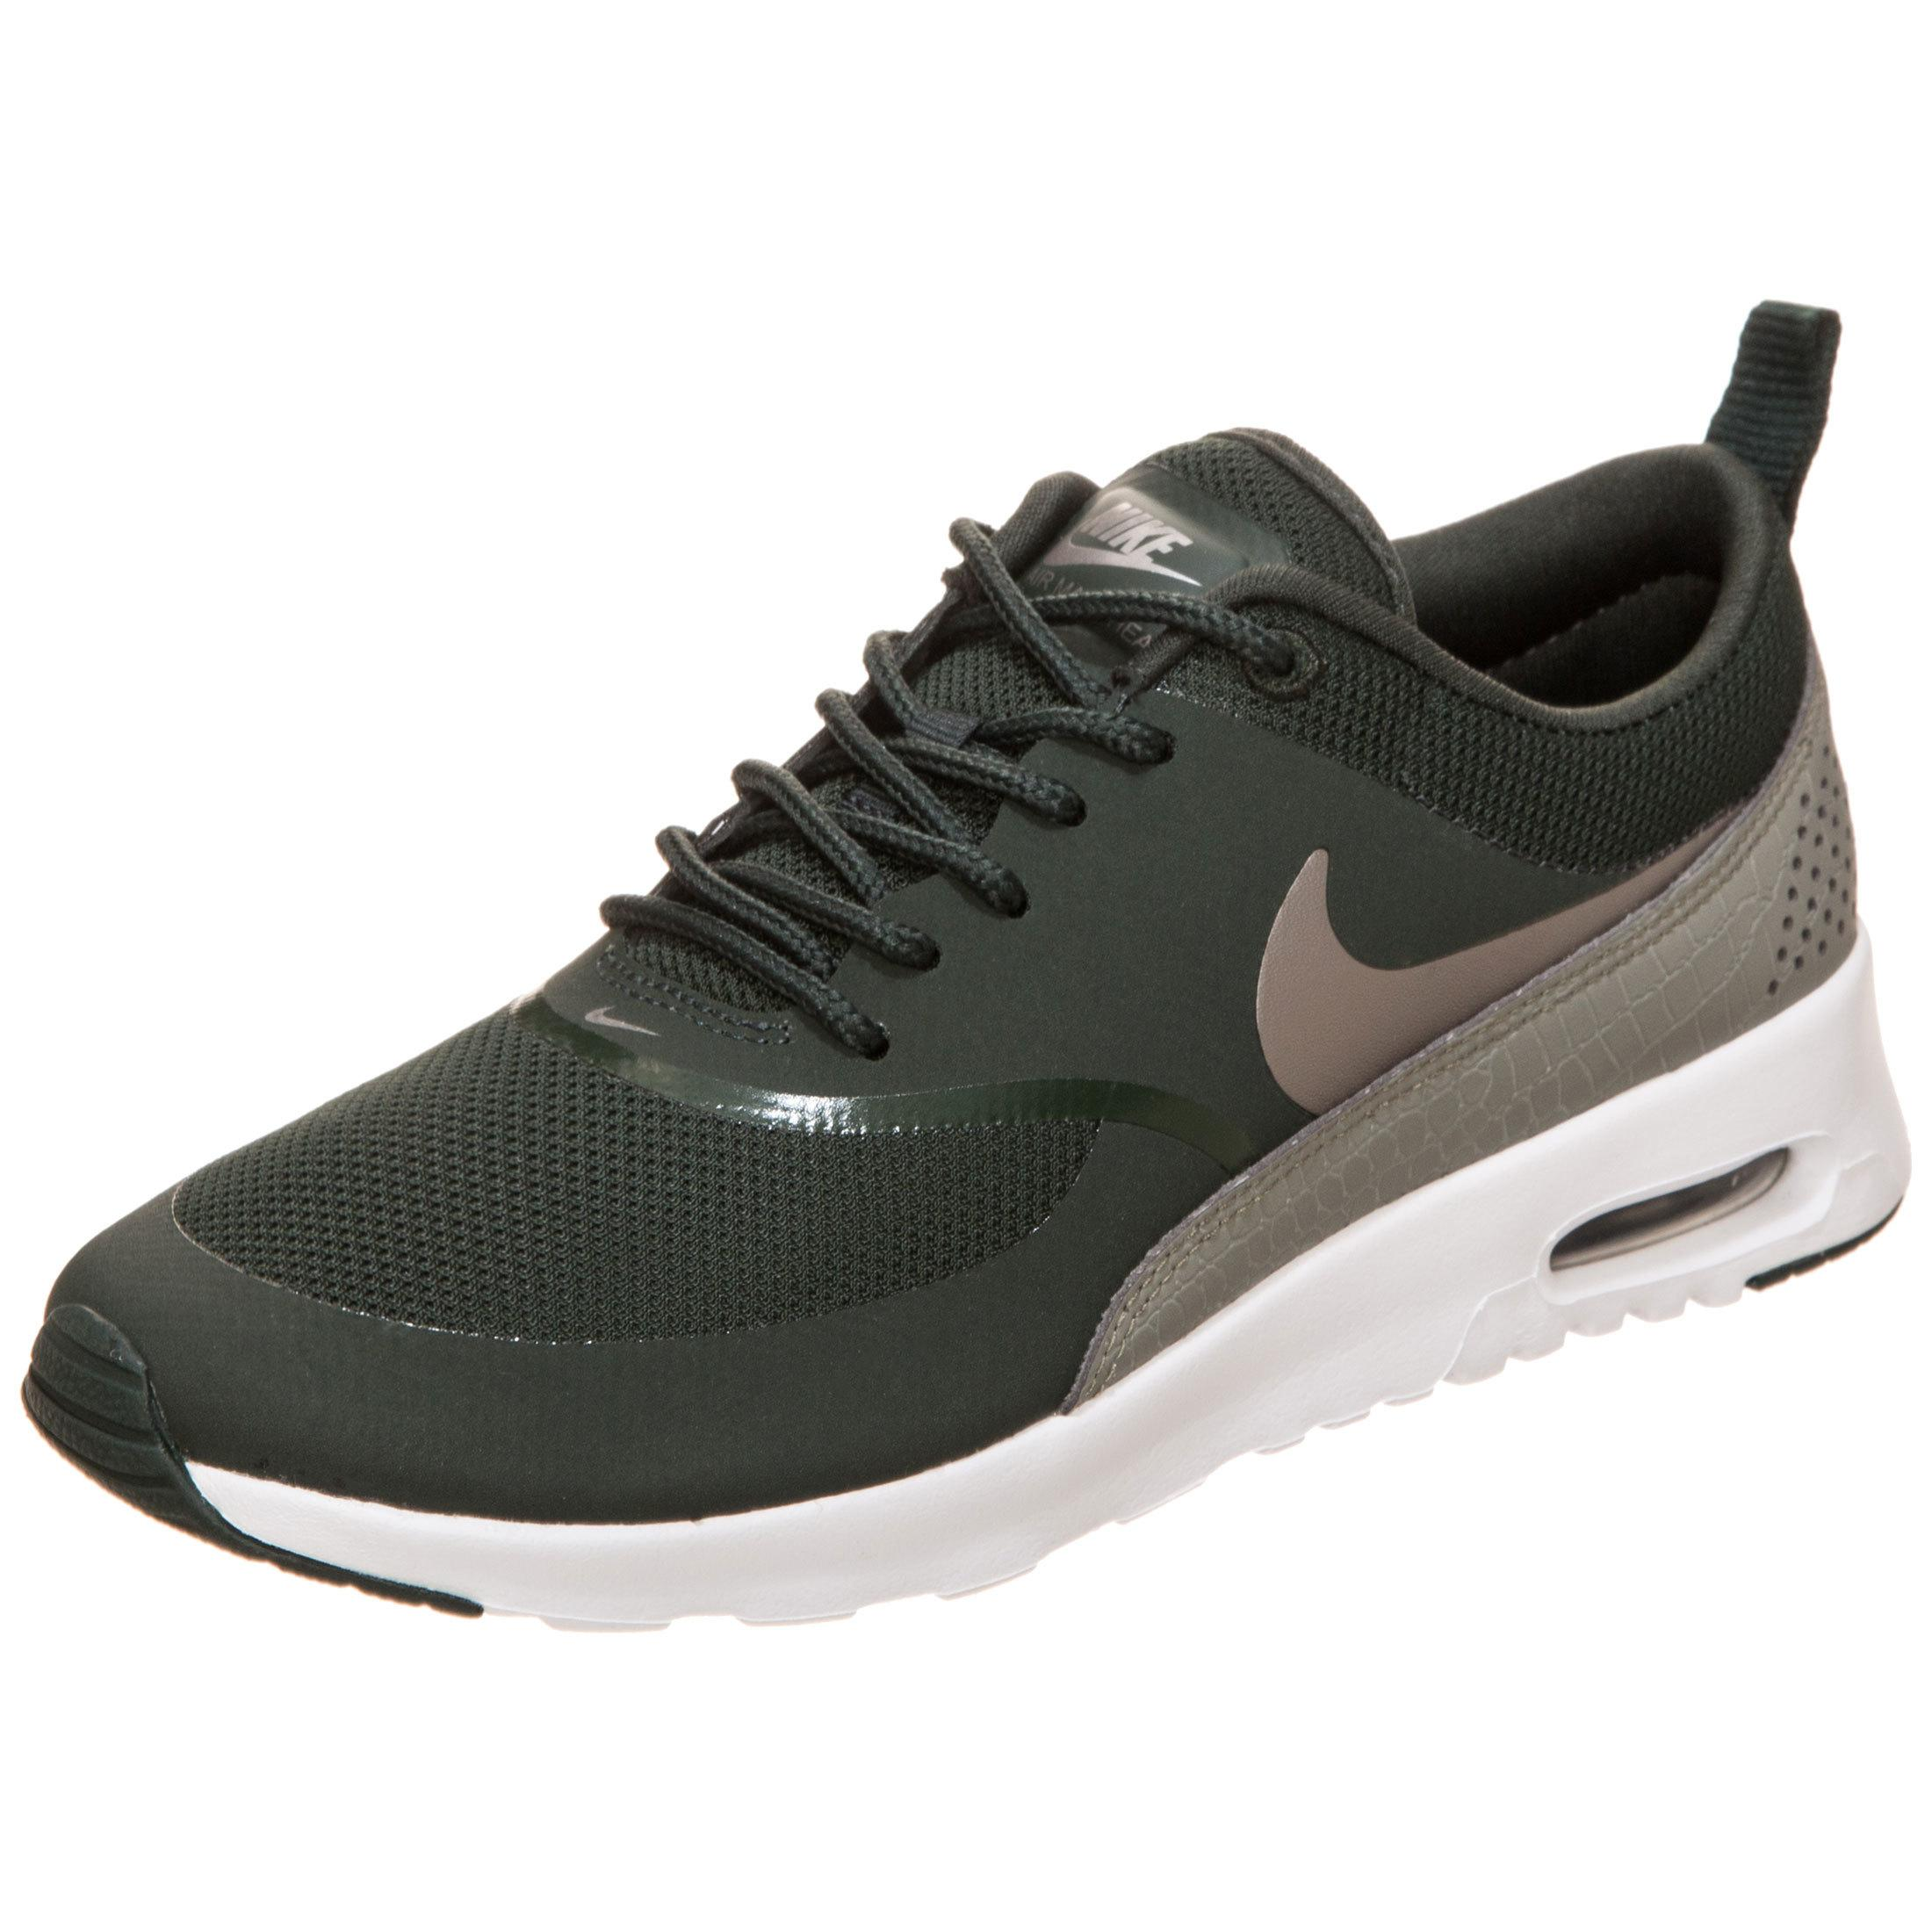 timeless design 88347 8b2d0 Nike Air Max Thea Sneaker Damen grün  hellgrün im Online Shop von  SportScheck kaufen